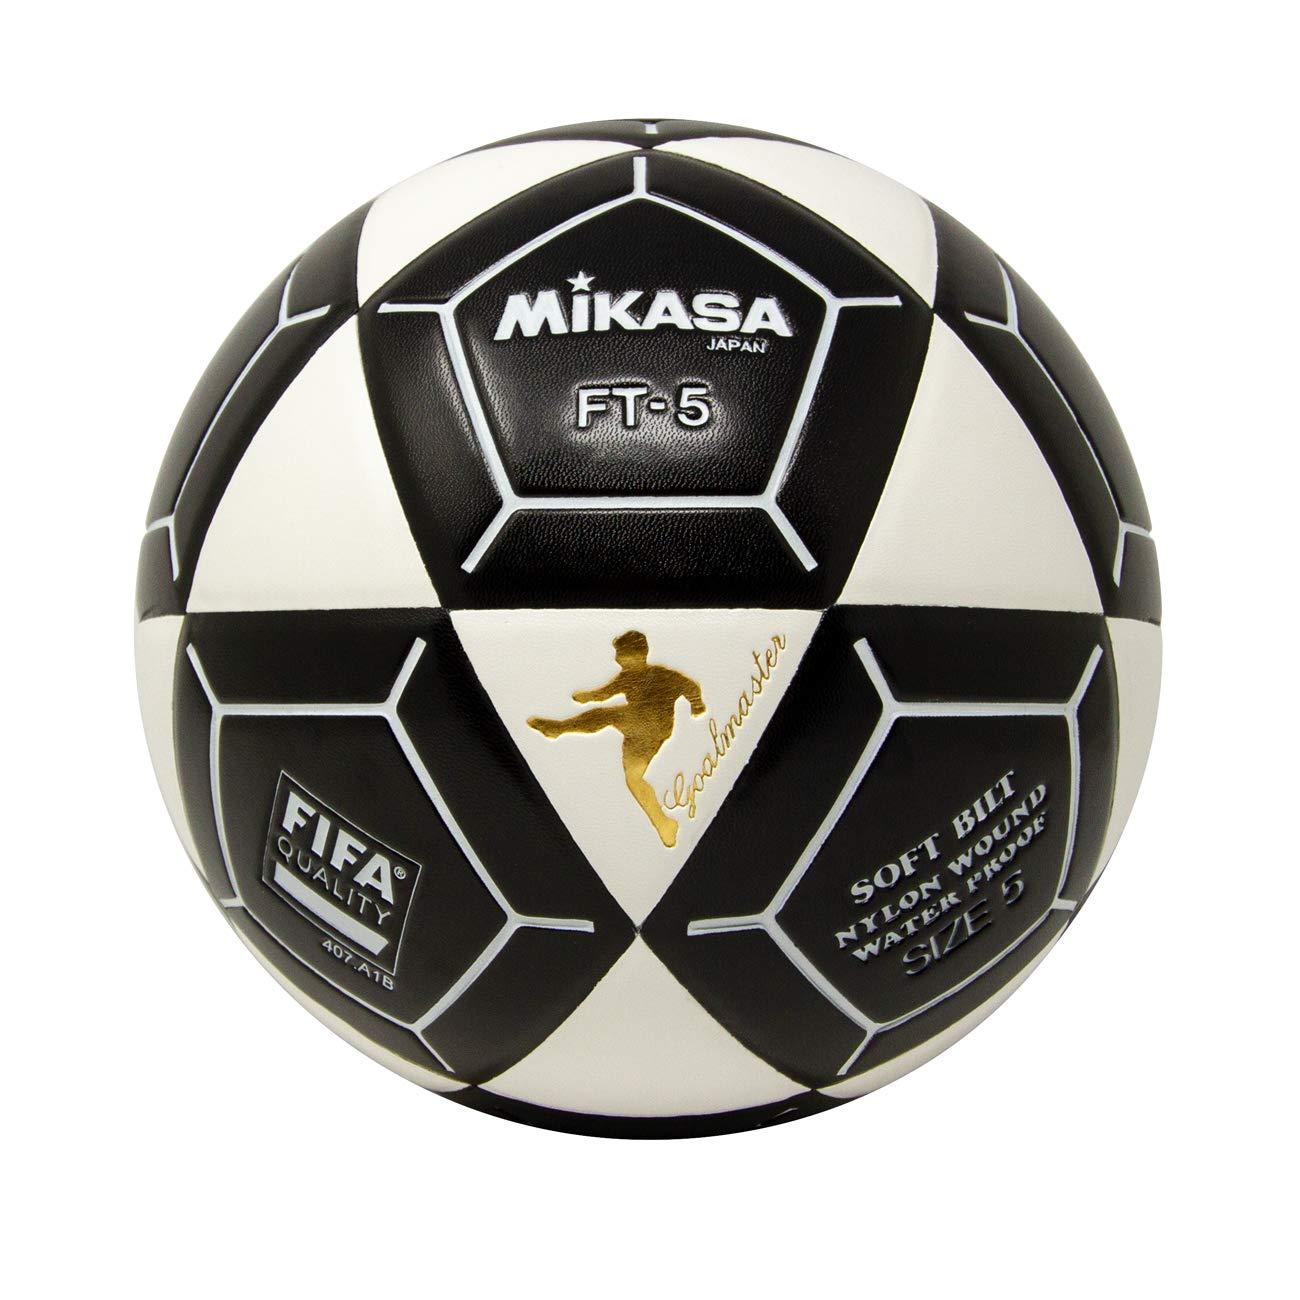 Mikasa FT5 Meta Maestro Pelota de fútbol, Color Blanco/Negro ...